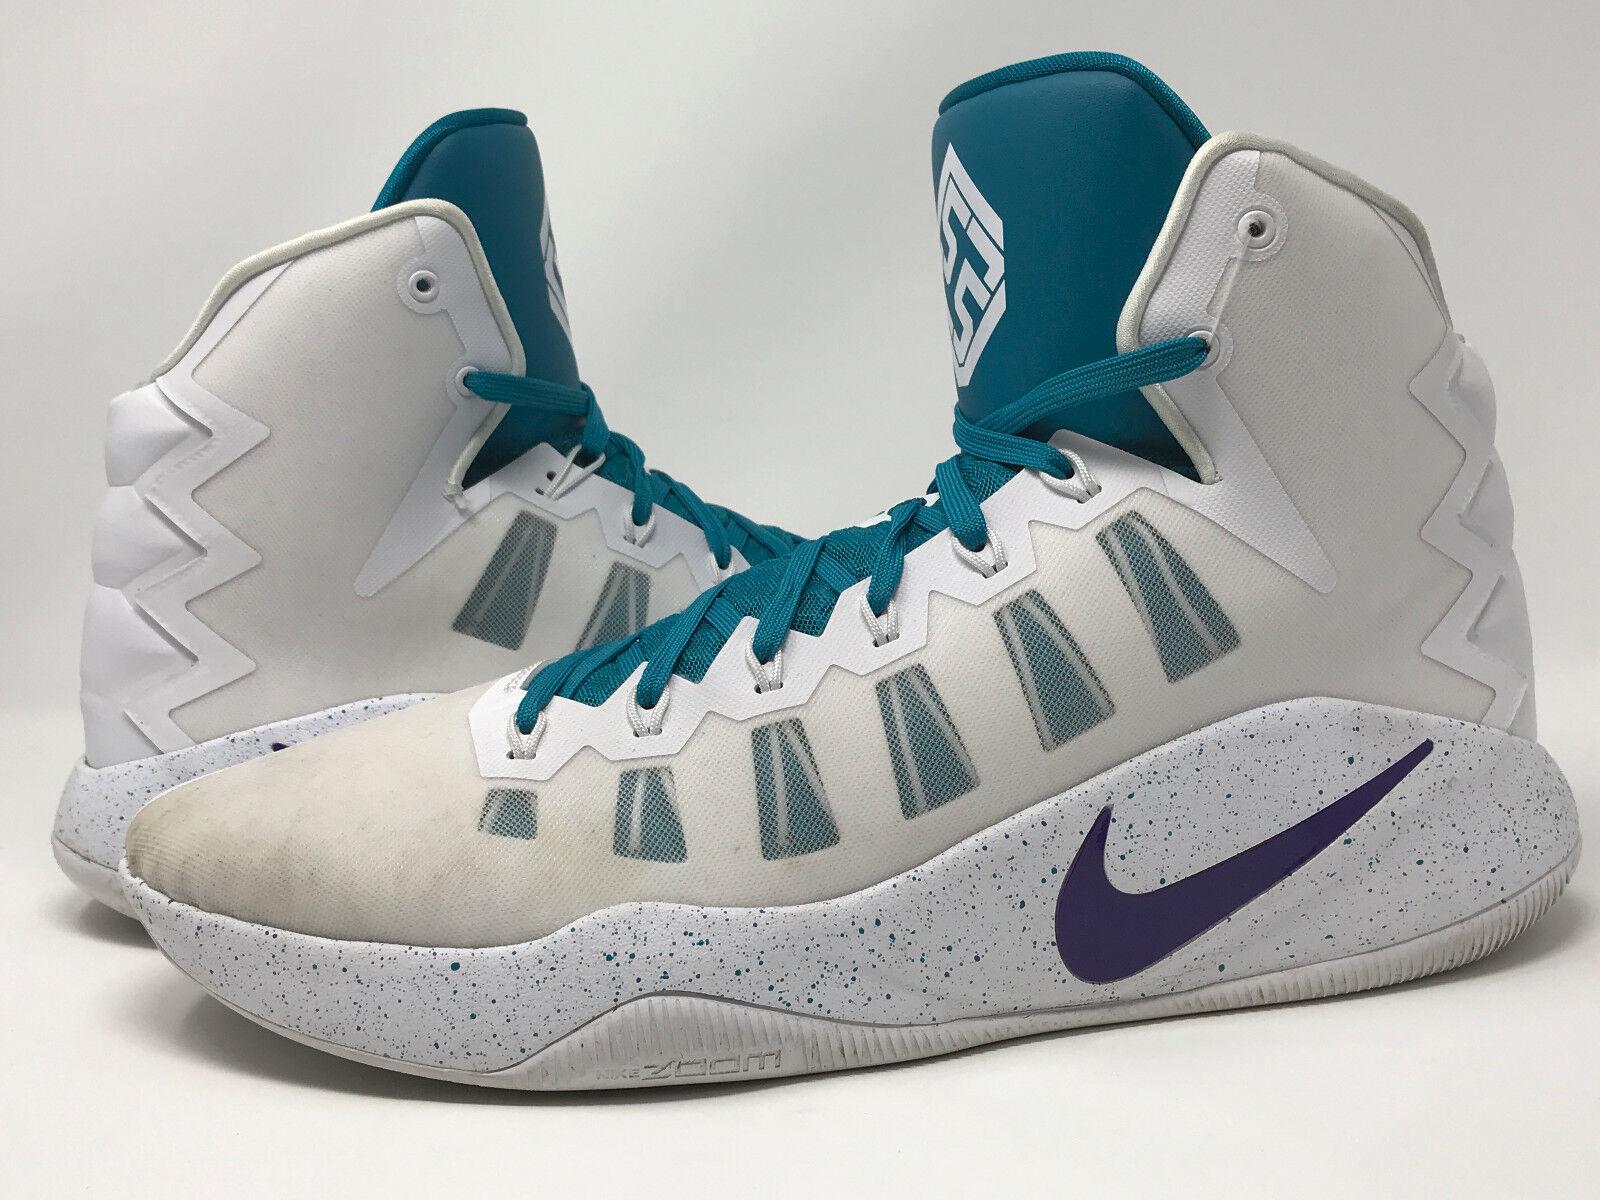 Nike air max uomini lupo grigio grigio lupo stile scarpe / cool grigio / nero 942236 003 0fa9b9